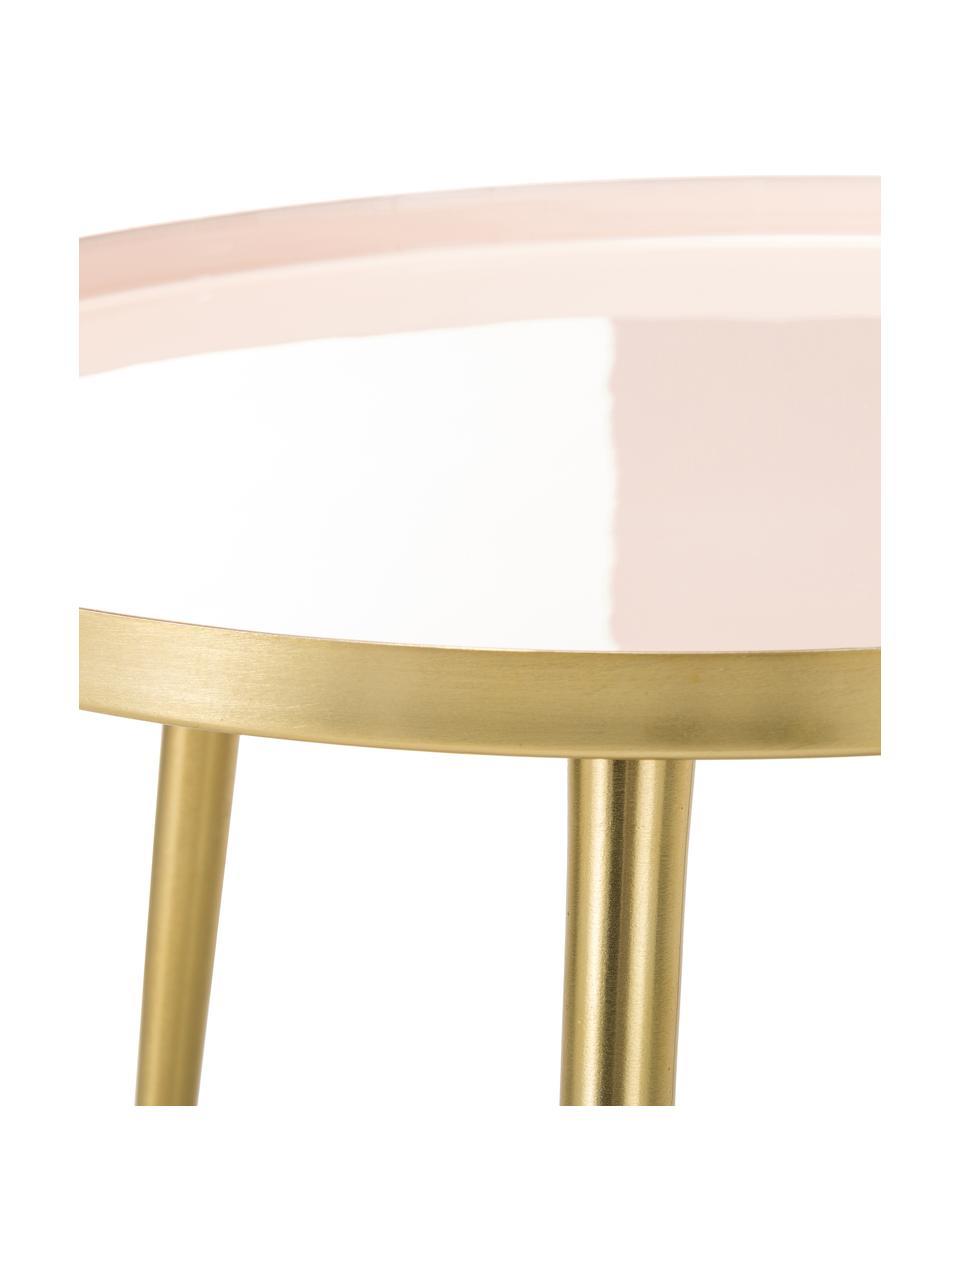 Okrągły stolik pomocniczy z metalu Amalia, Blat: jasny różowy Nogi stolika: odcienie złotego, Ø 50 x W 42 cm